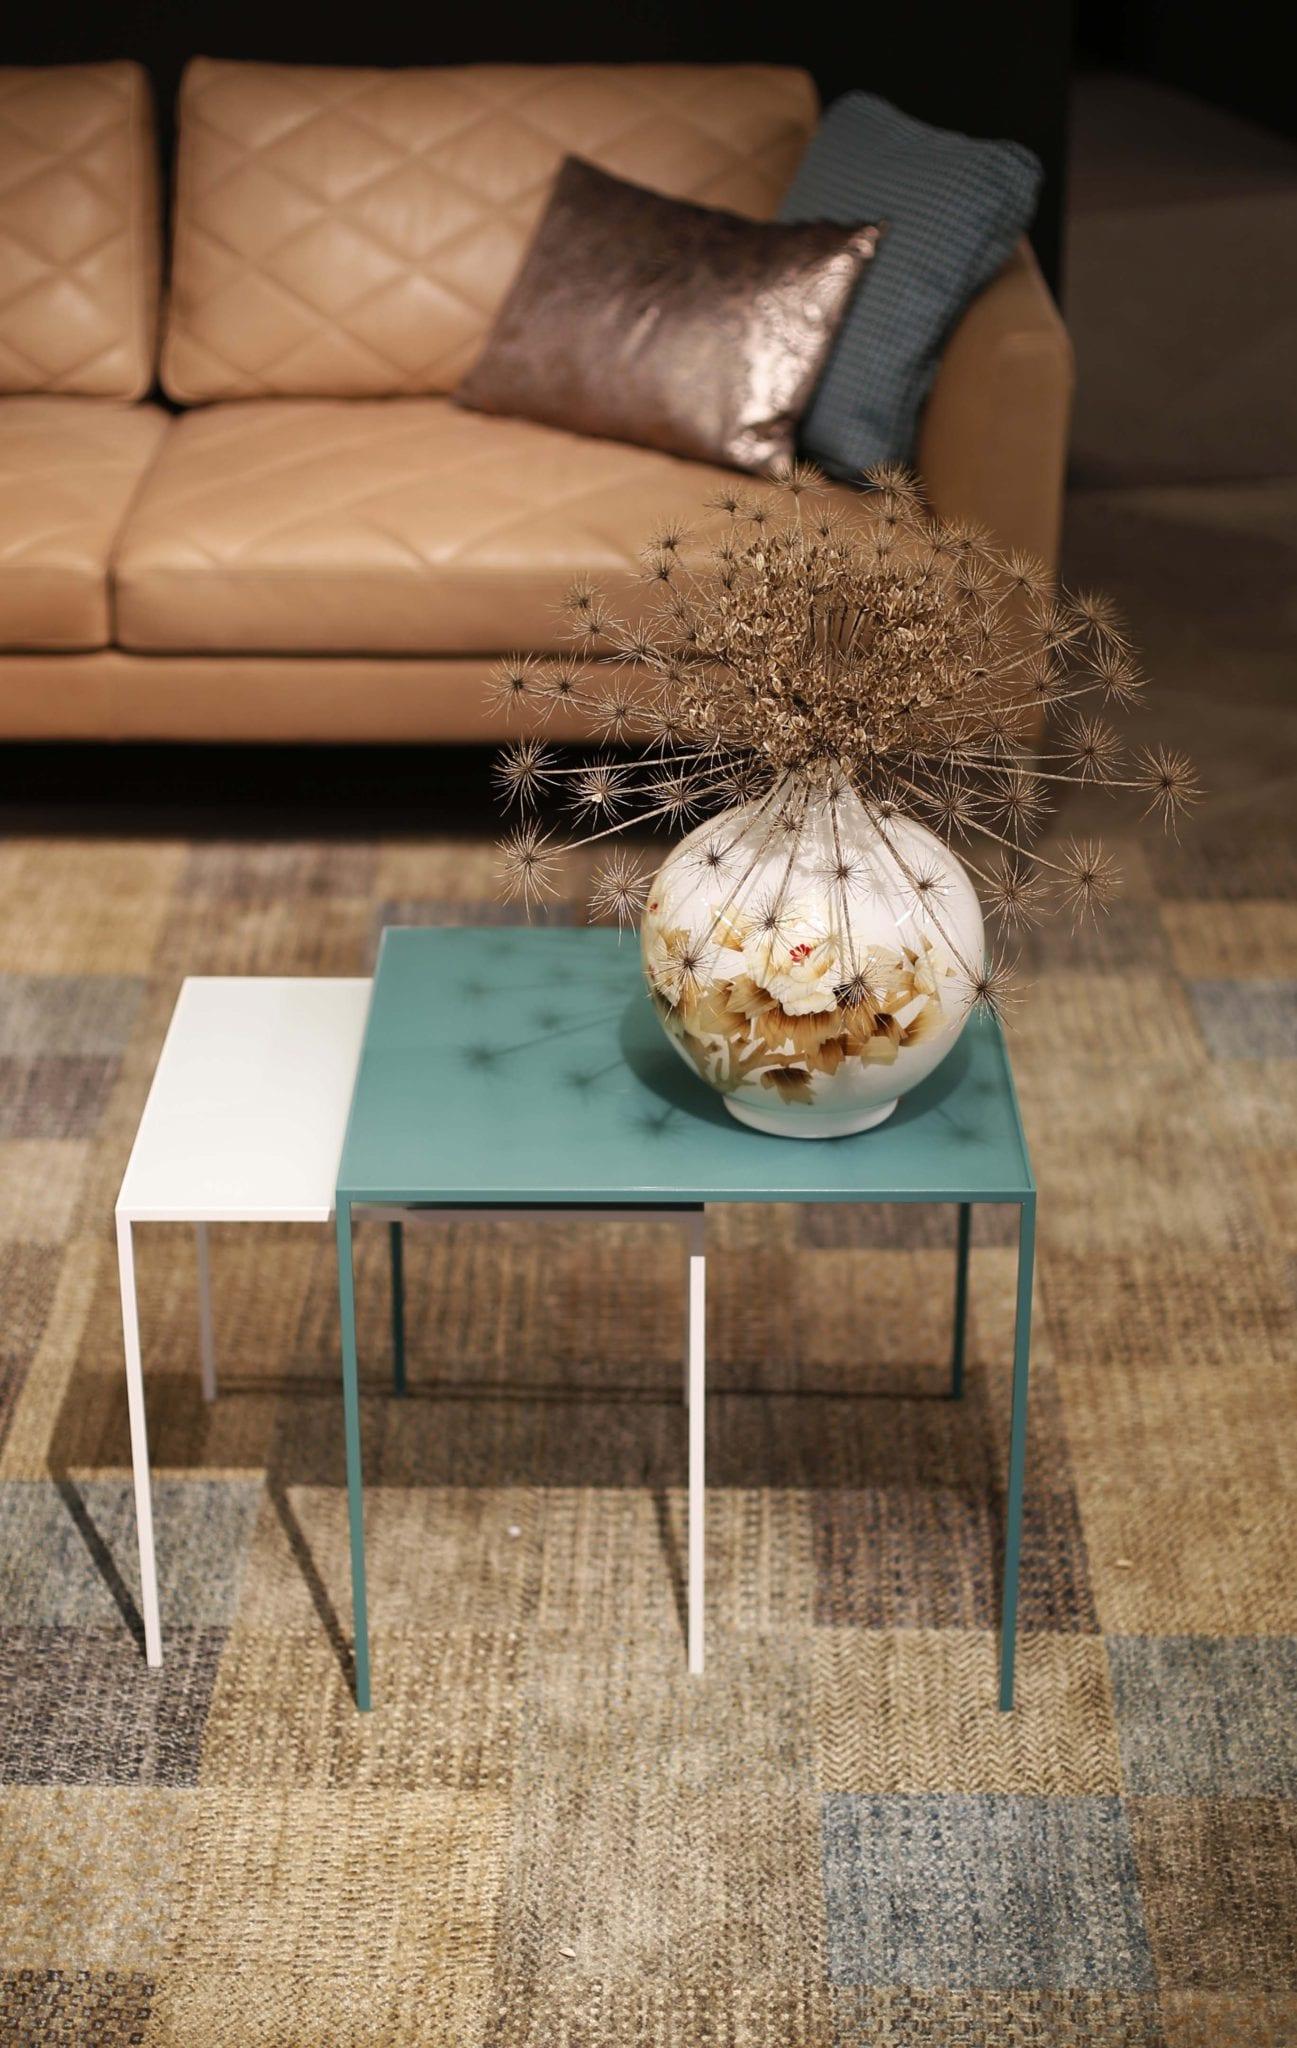 Perzisch tapijt woonkamer: perzisch tapijt woonkamer ideeen ...